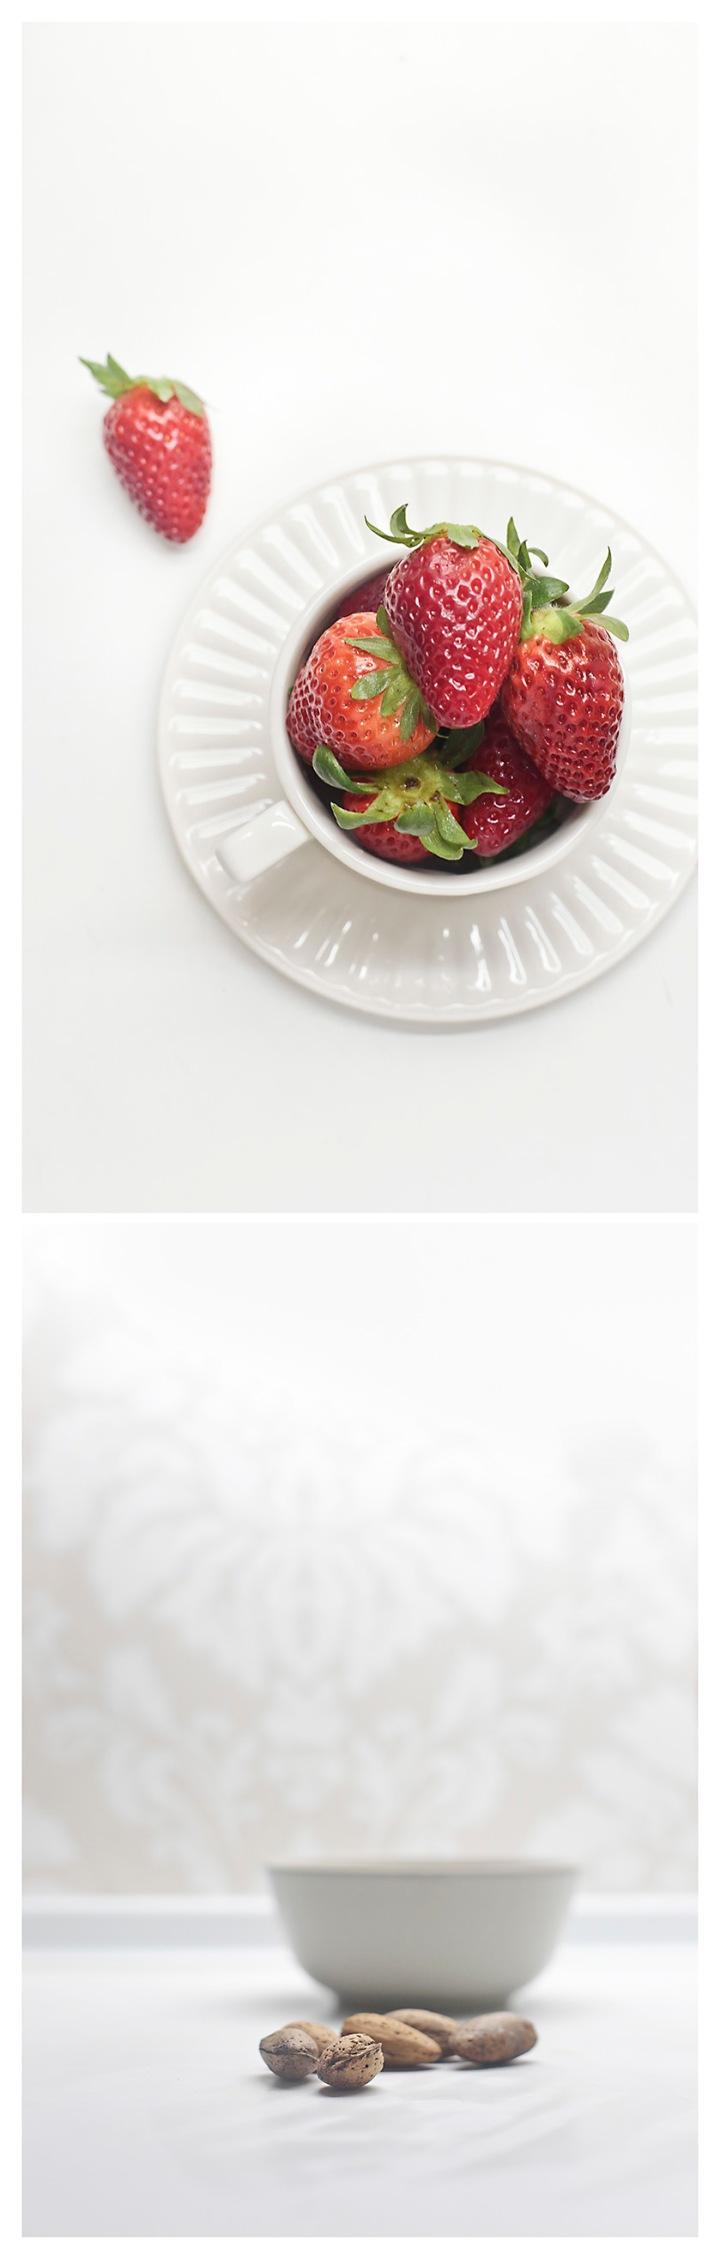 fresas y almendras